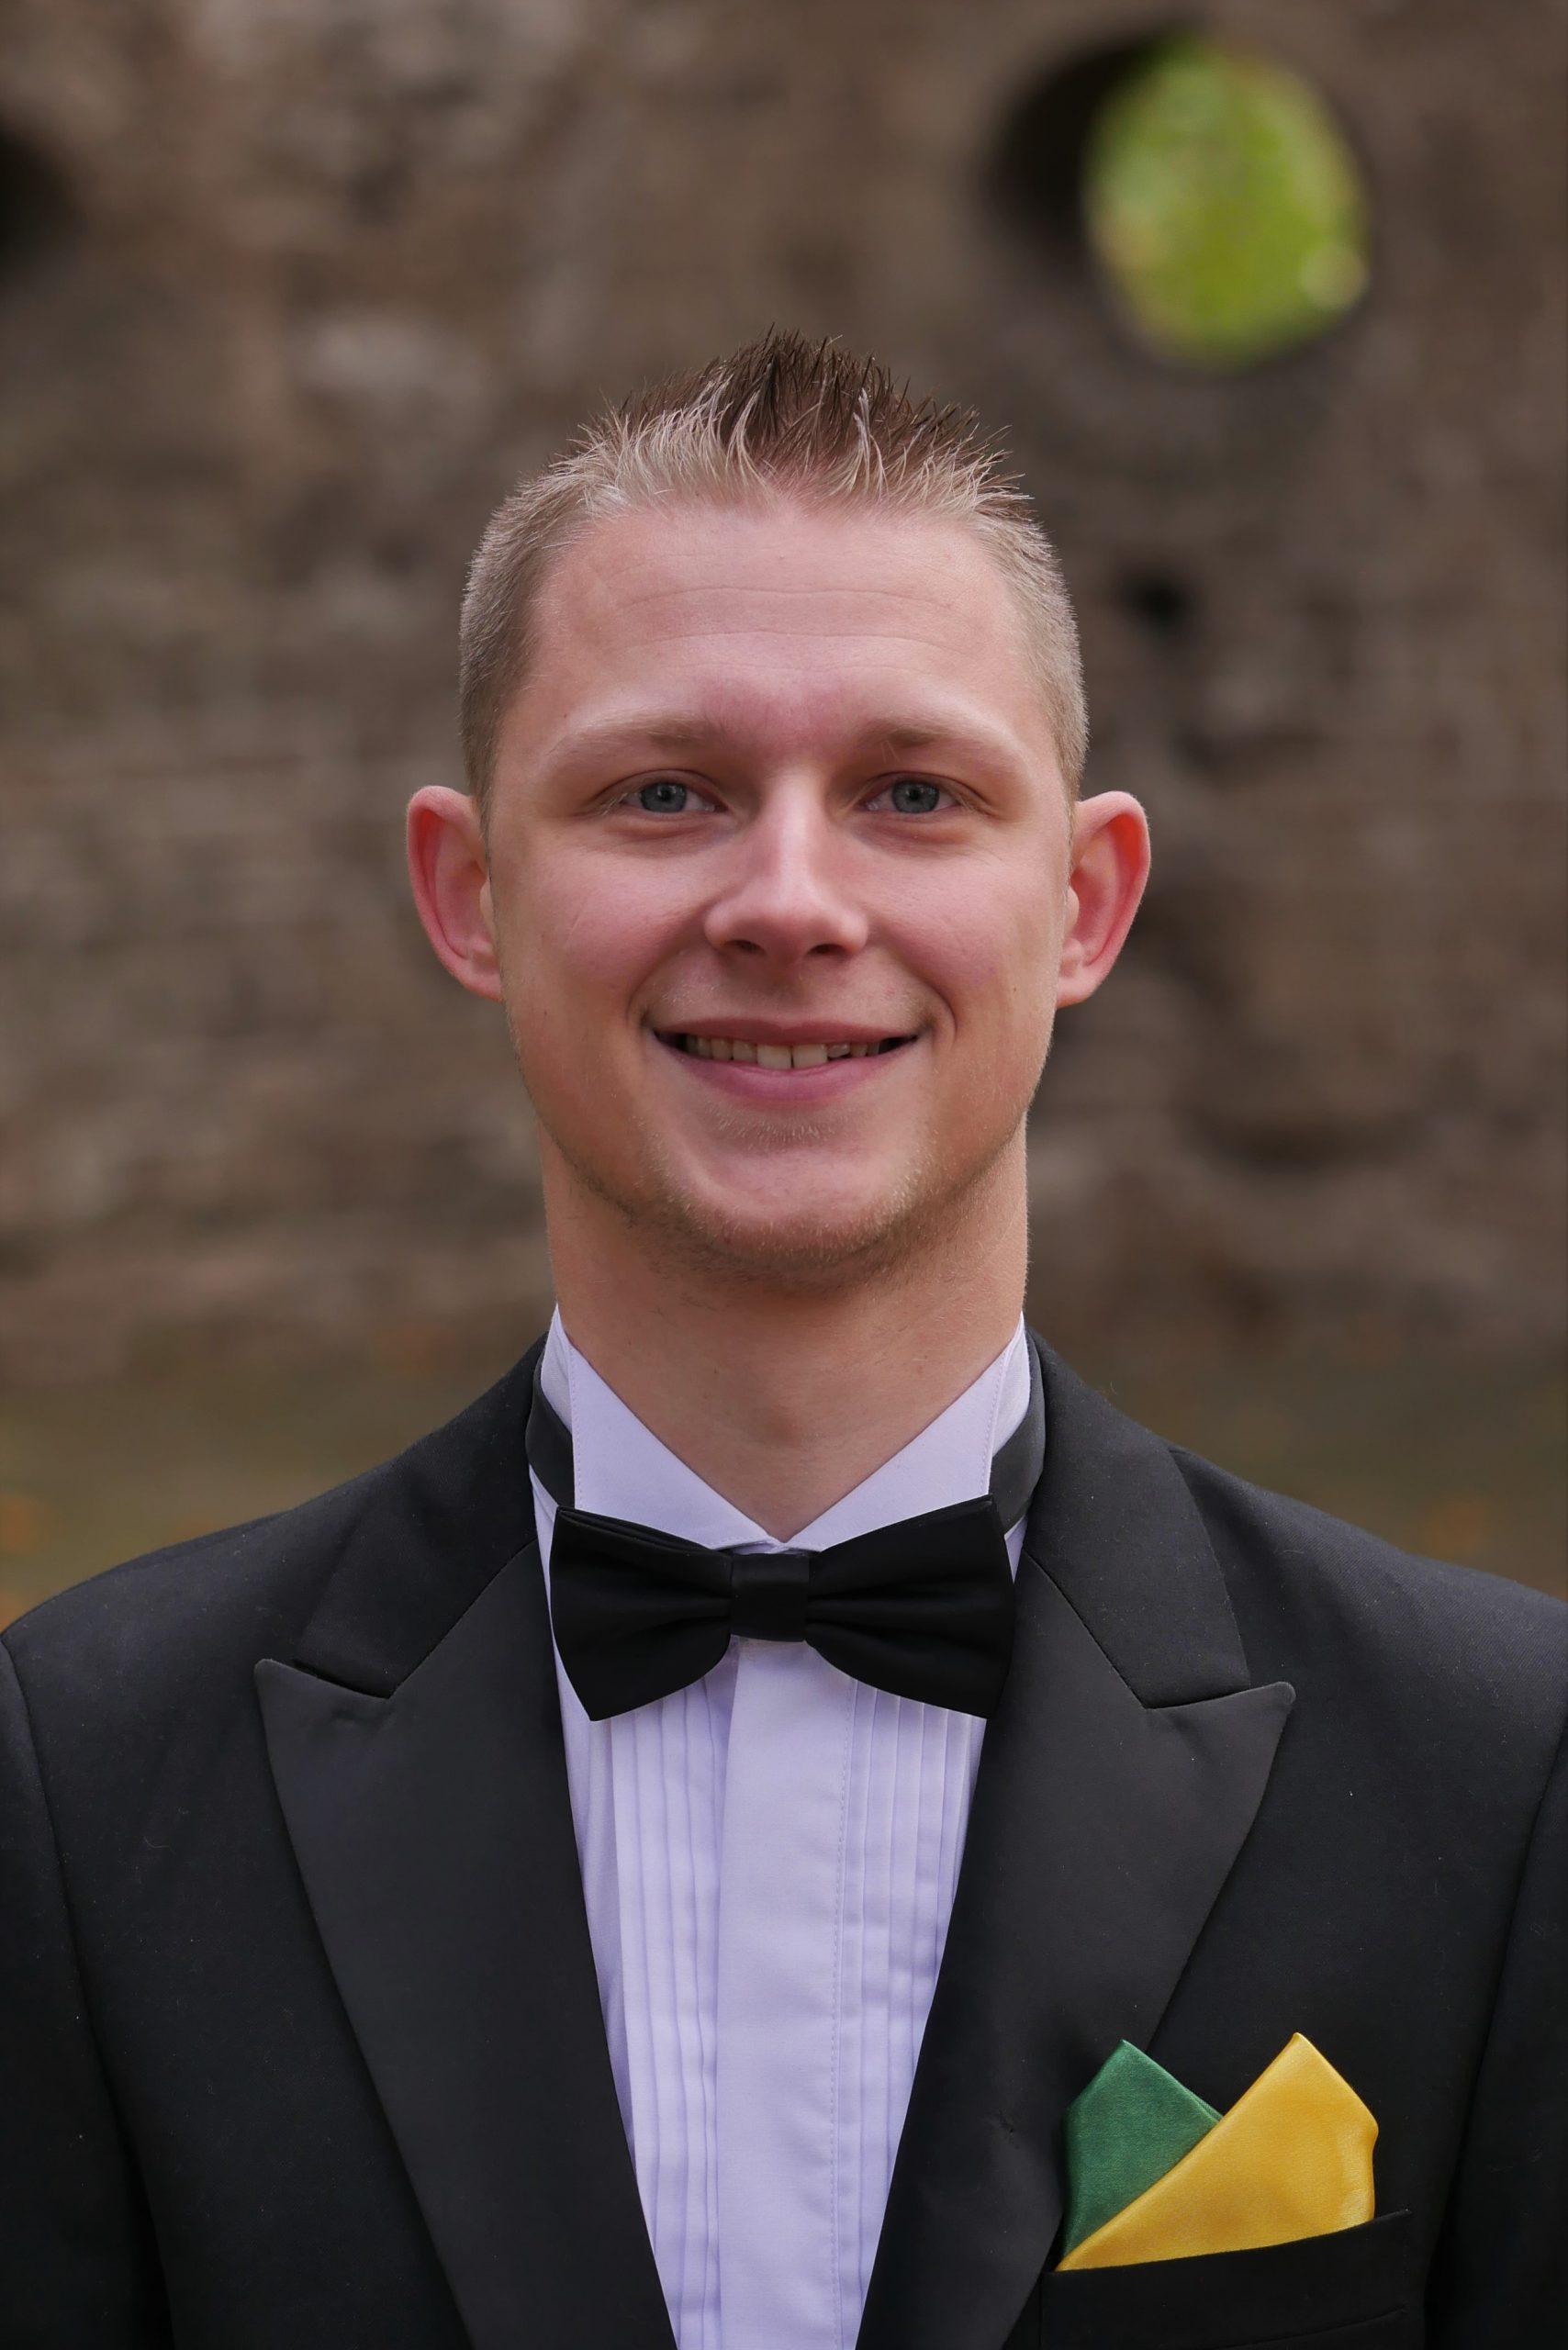 Ryan Janssen